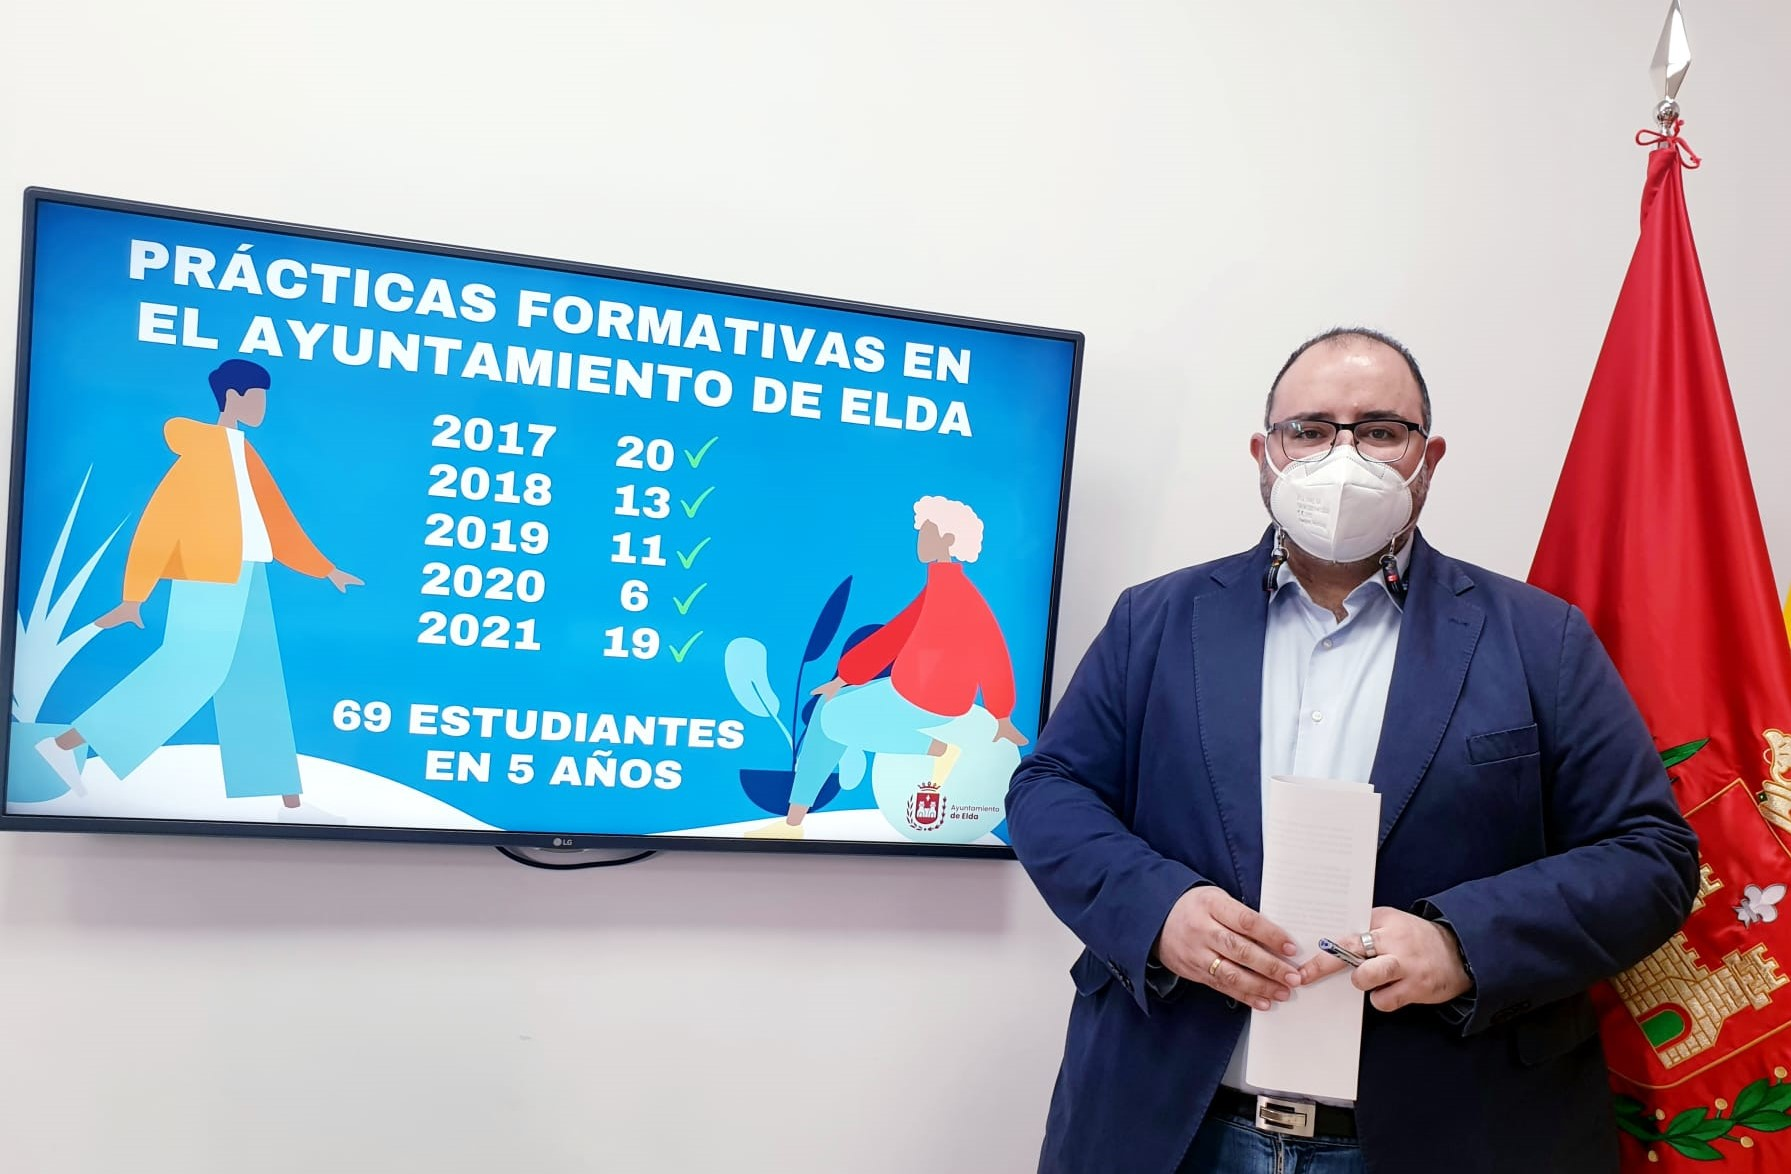 Cerca de 70 alumnos y alumnas de FP, estudios universitarios y academias han realizado prácticas formativas y curriculares en el Ayuntamiento de Elda en los últimos cinco años